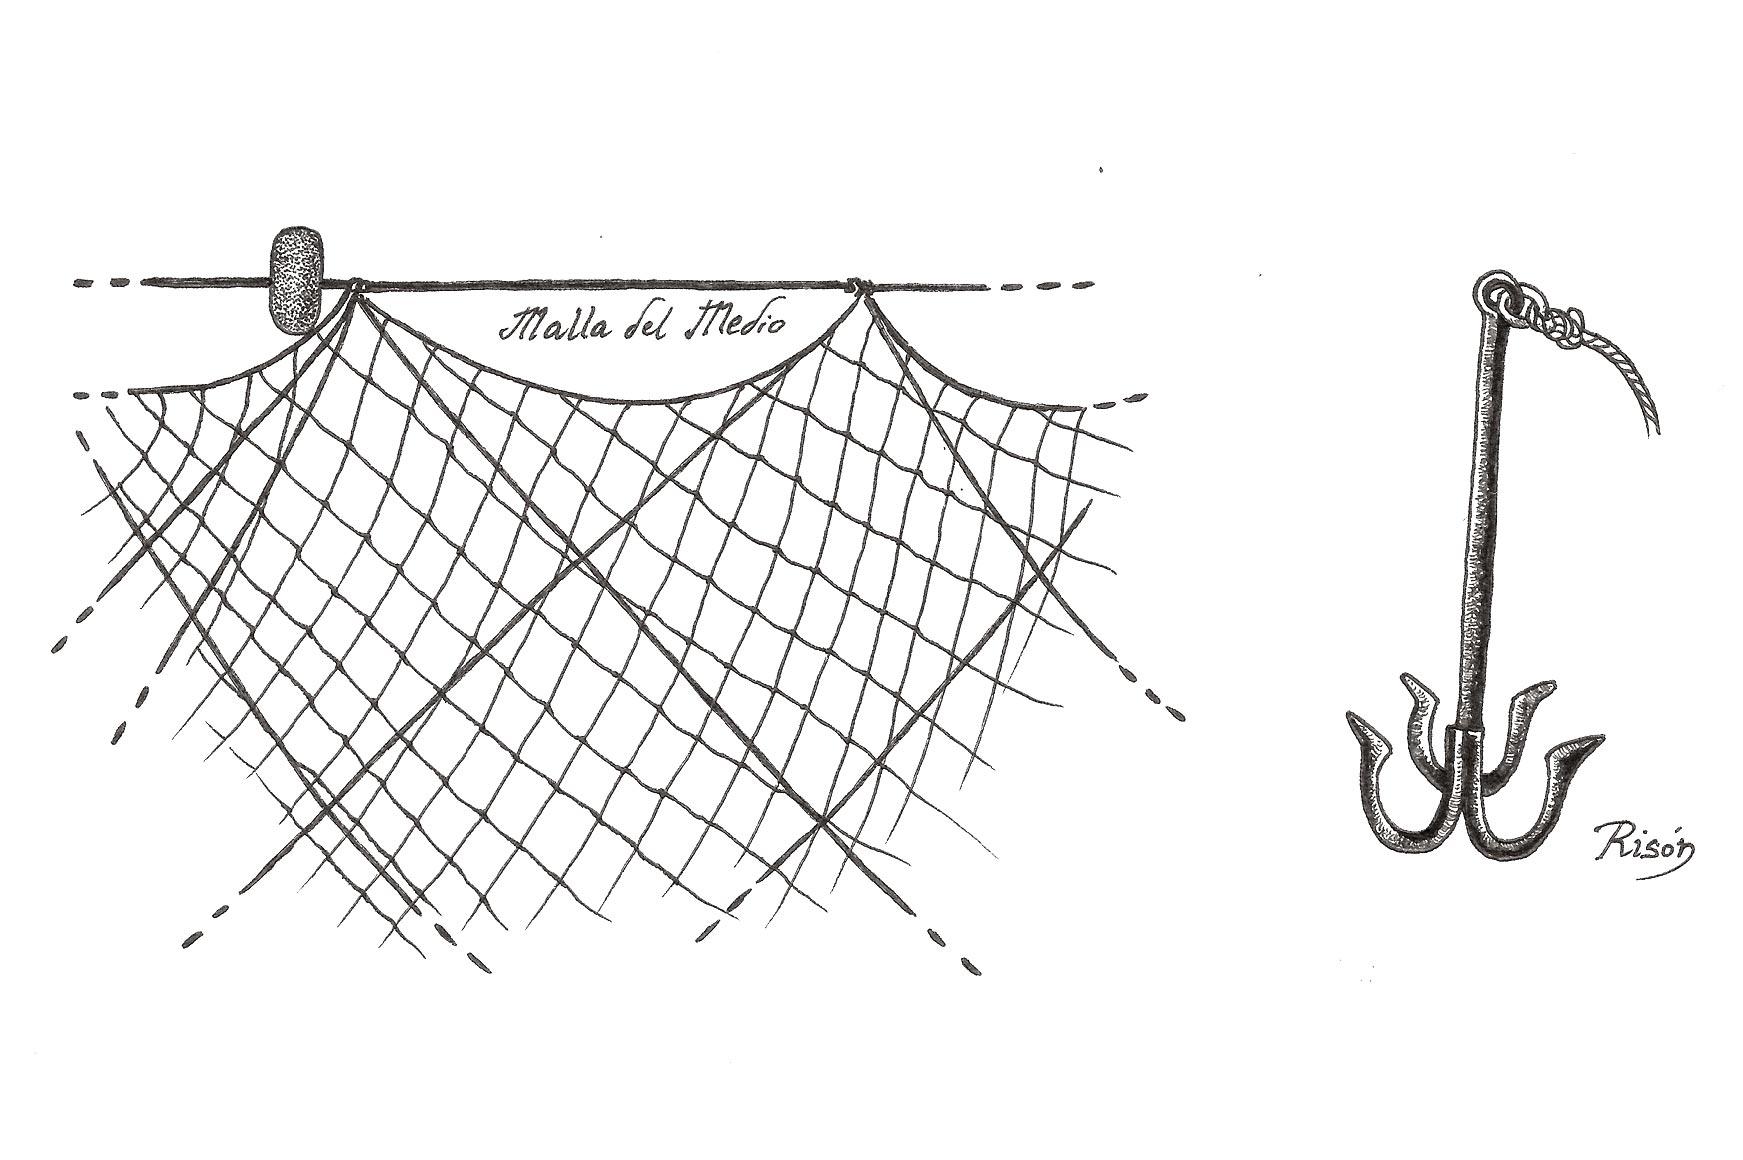 El tresmallu y el miñu